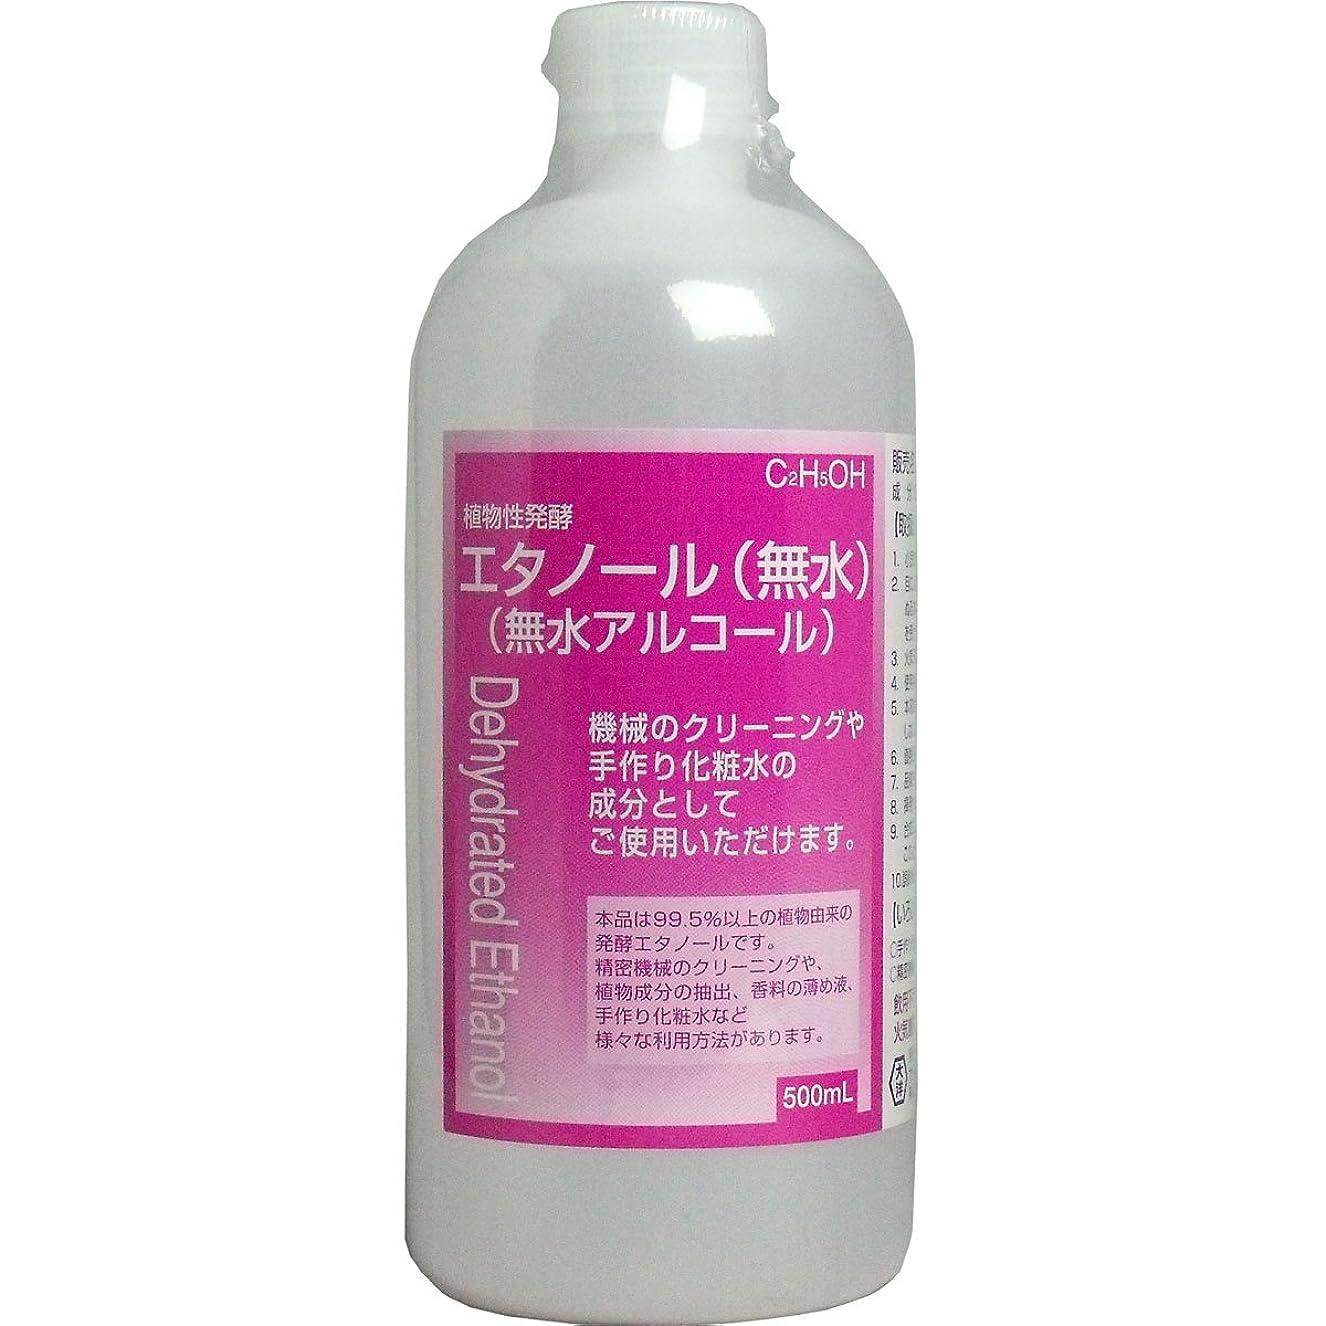 霧深い俳優ドメイン手作り化粧水に 植物性発酵エタノール(無水エタノール) 500mL